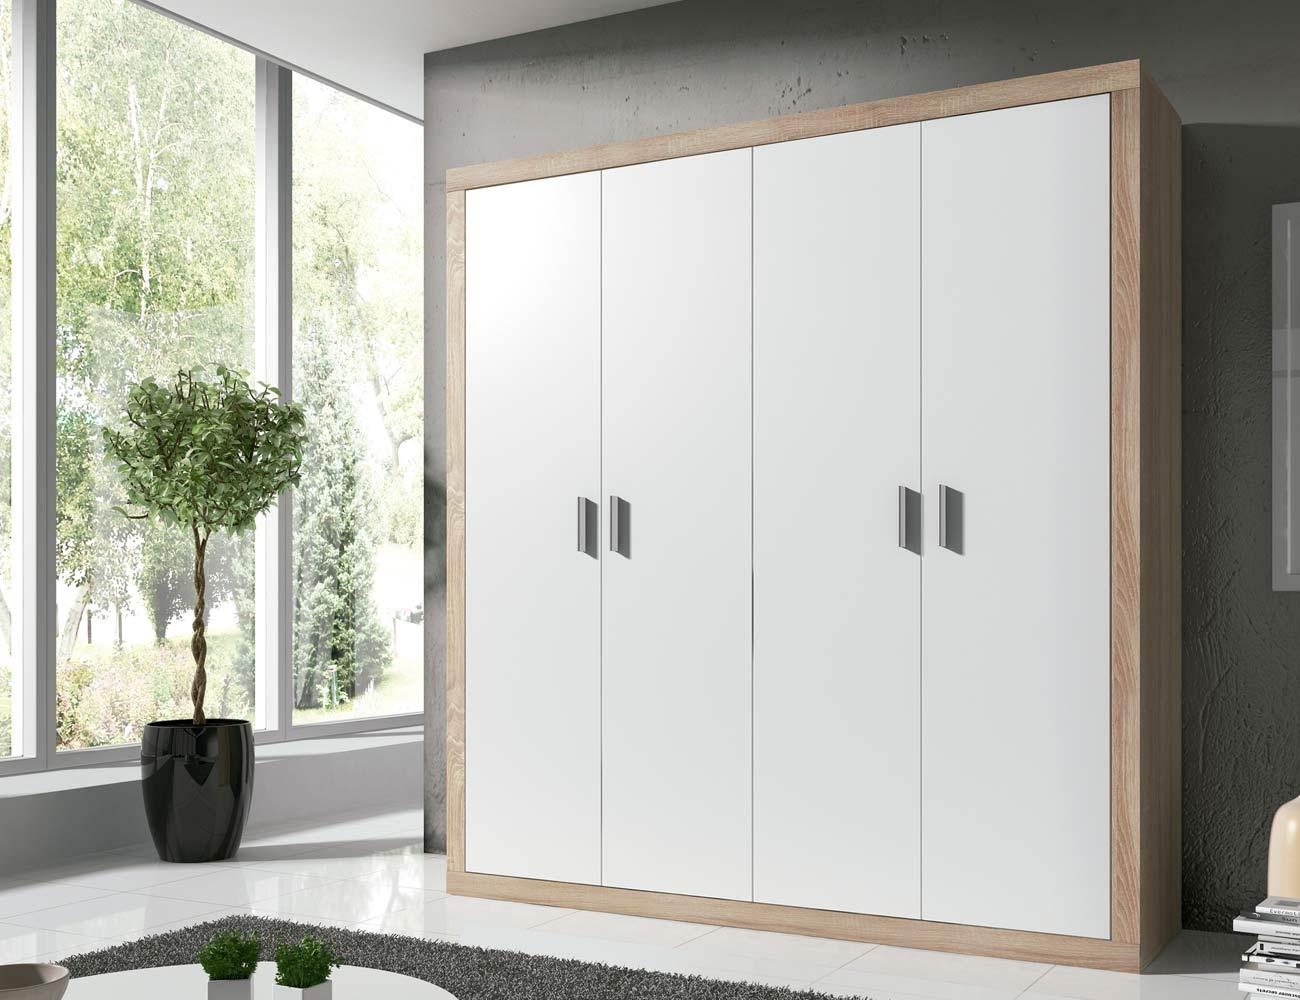 Armario moderno de 4 puertas abatibles en color blanco - Armarios con puertas abatibles ...